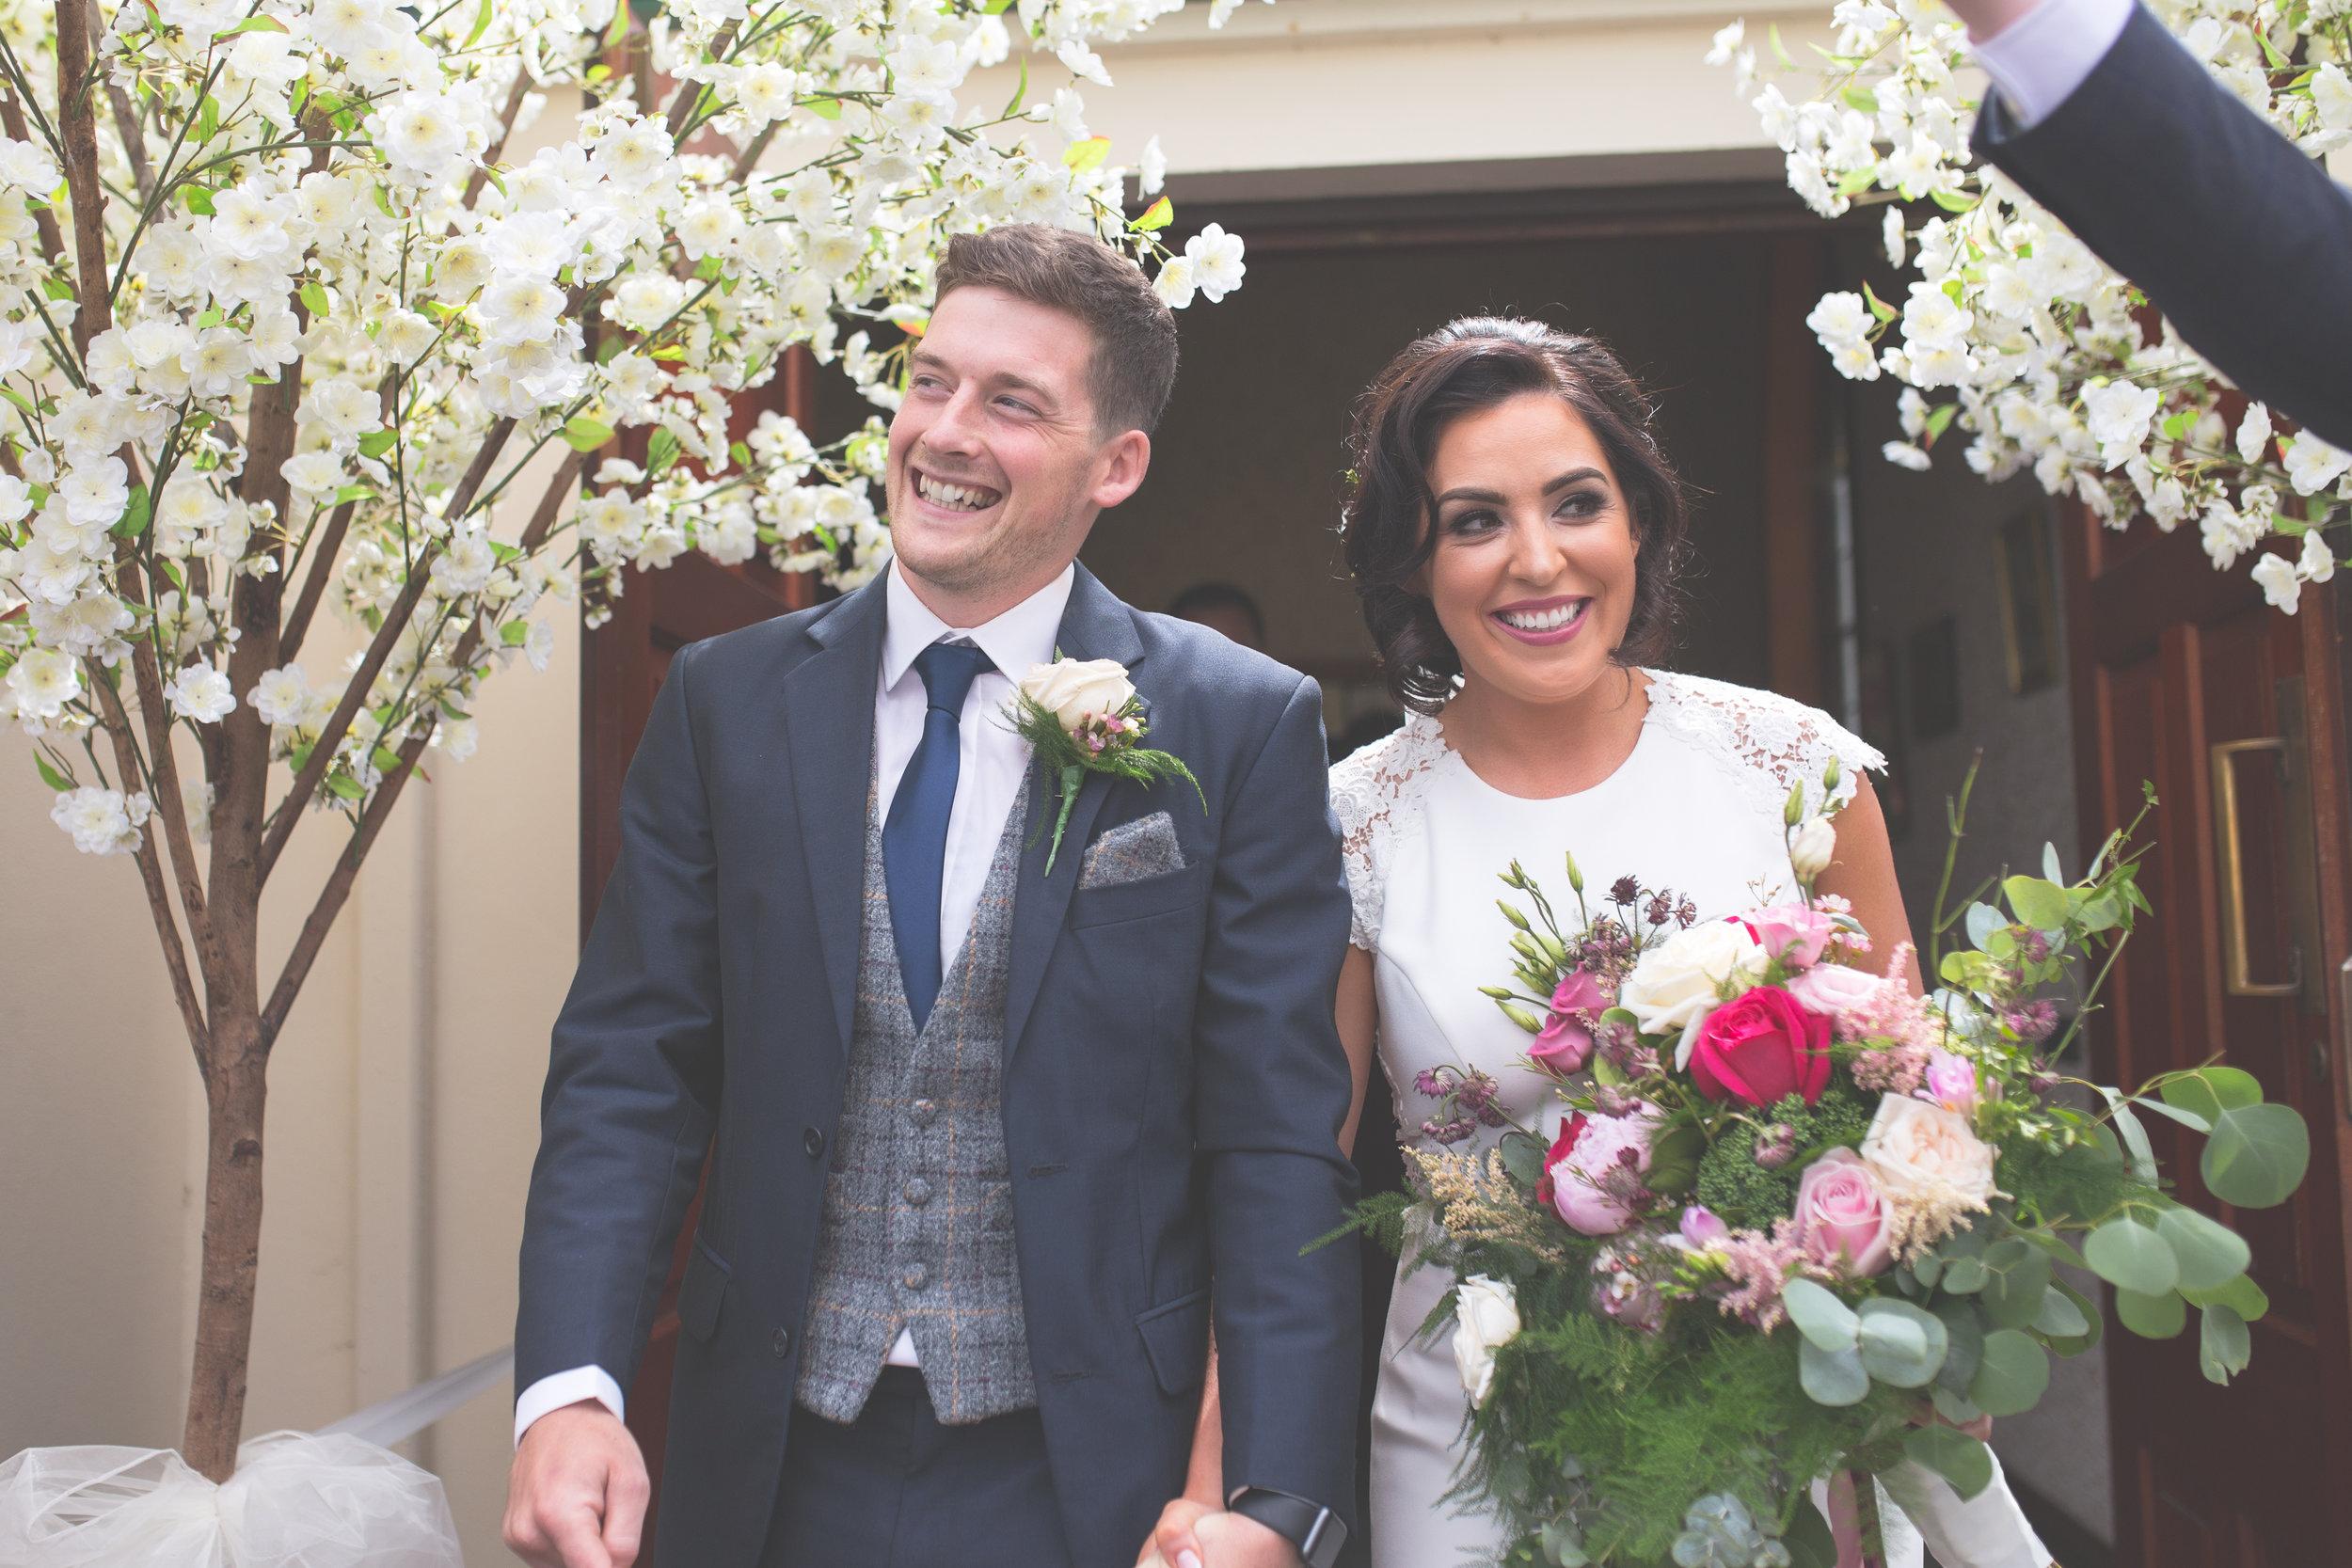 Brian McEwan Wedding Photography   Carol-Anne & Sean   The Ceremony-83.jpg